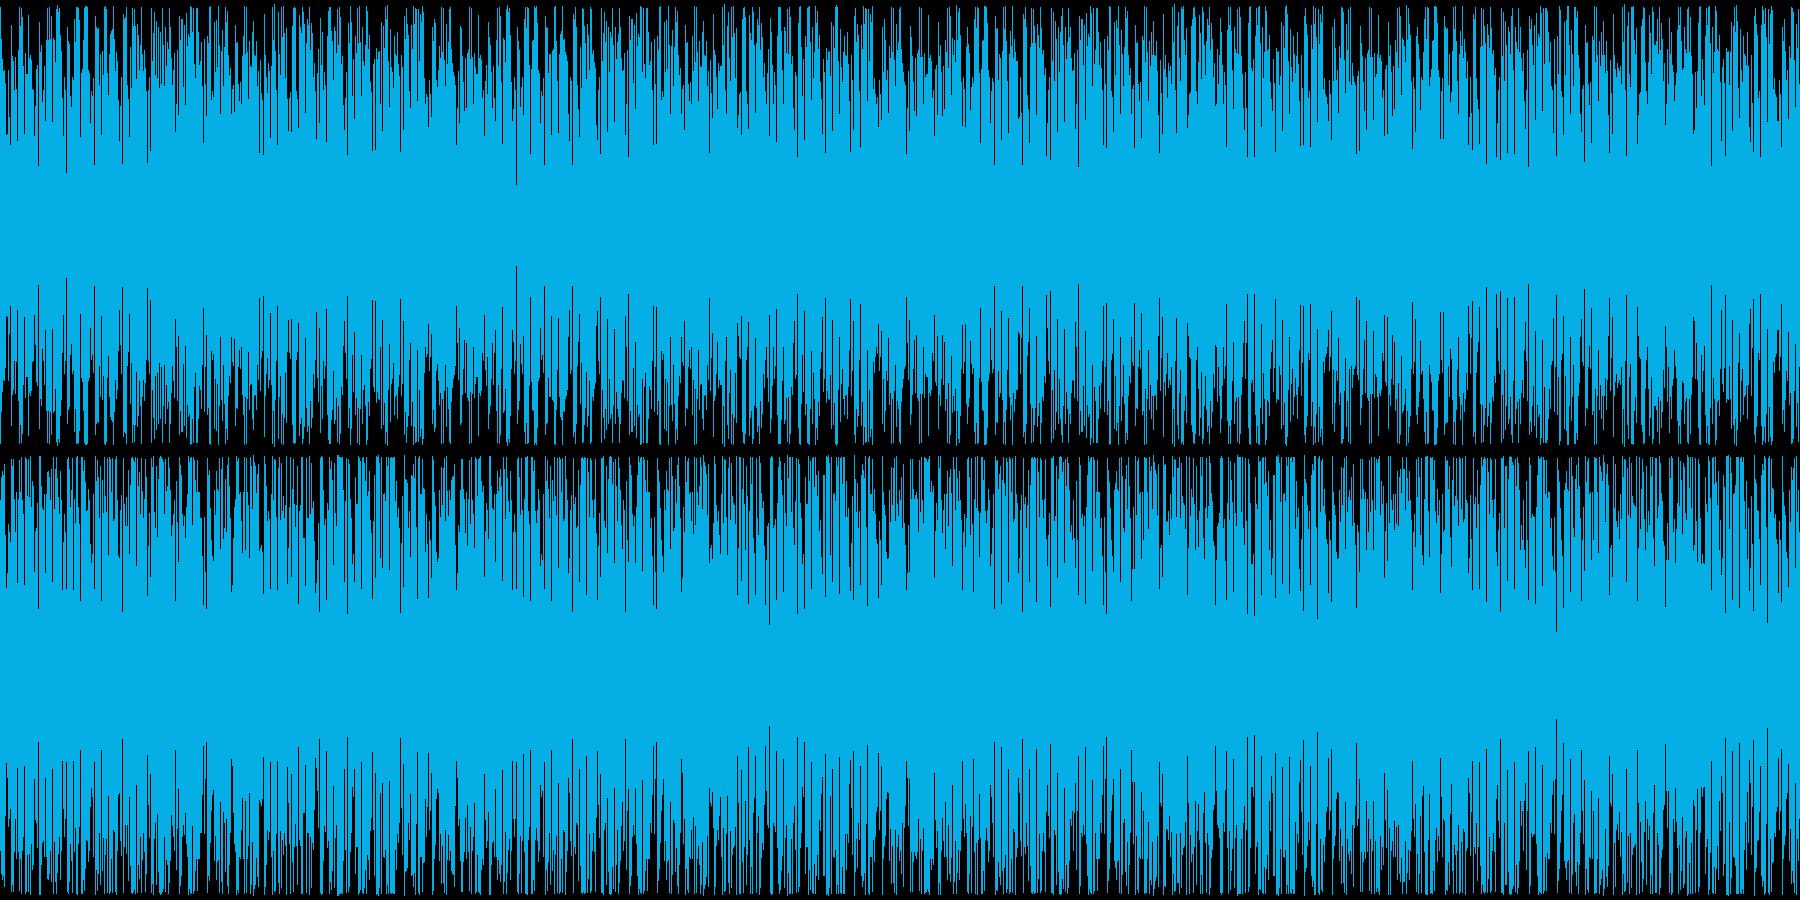 【出陣・ブリーフィングクラシカル】の再生済みの波形